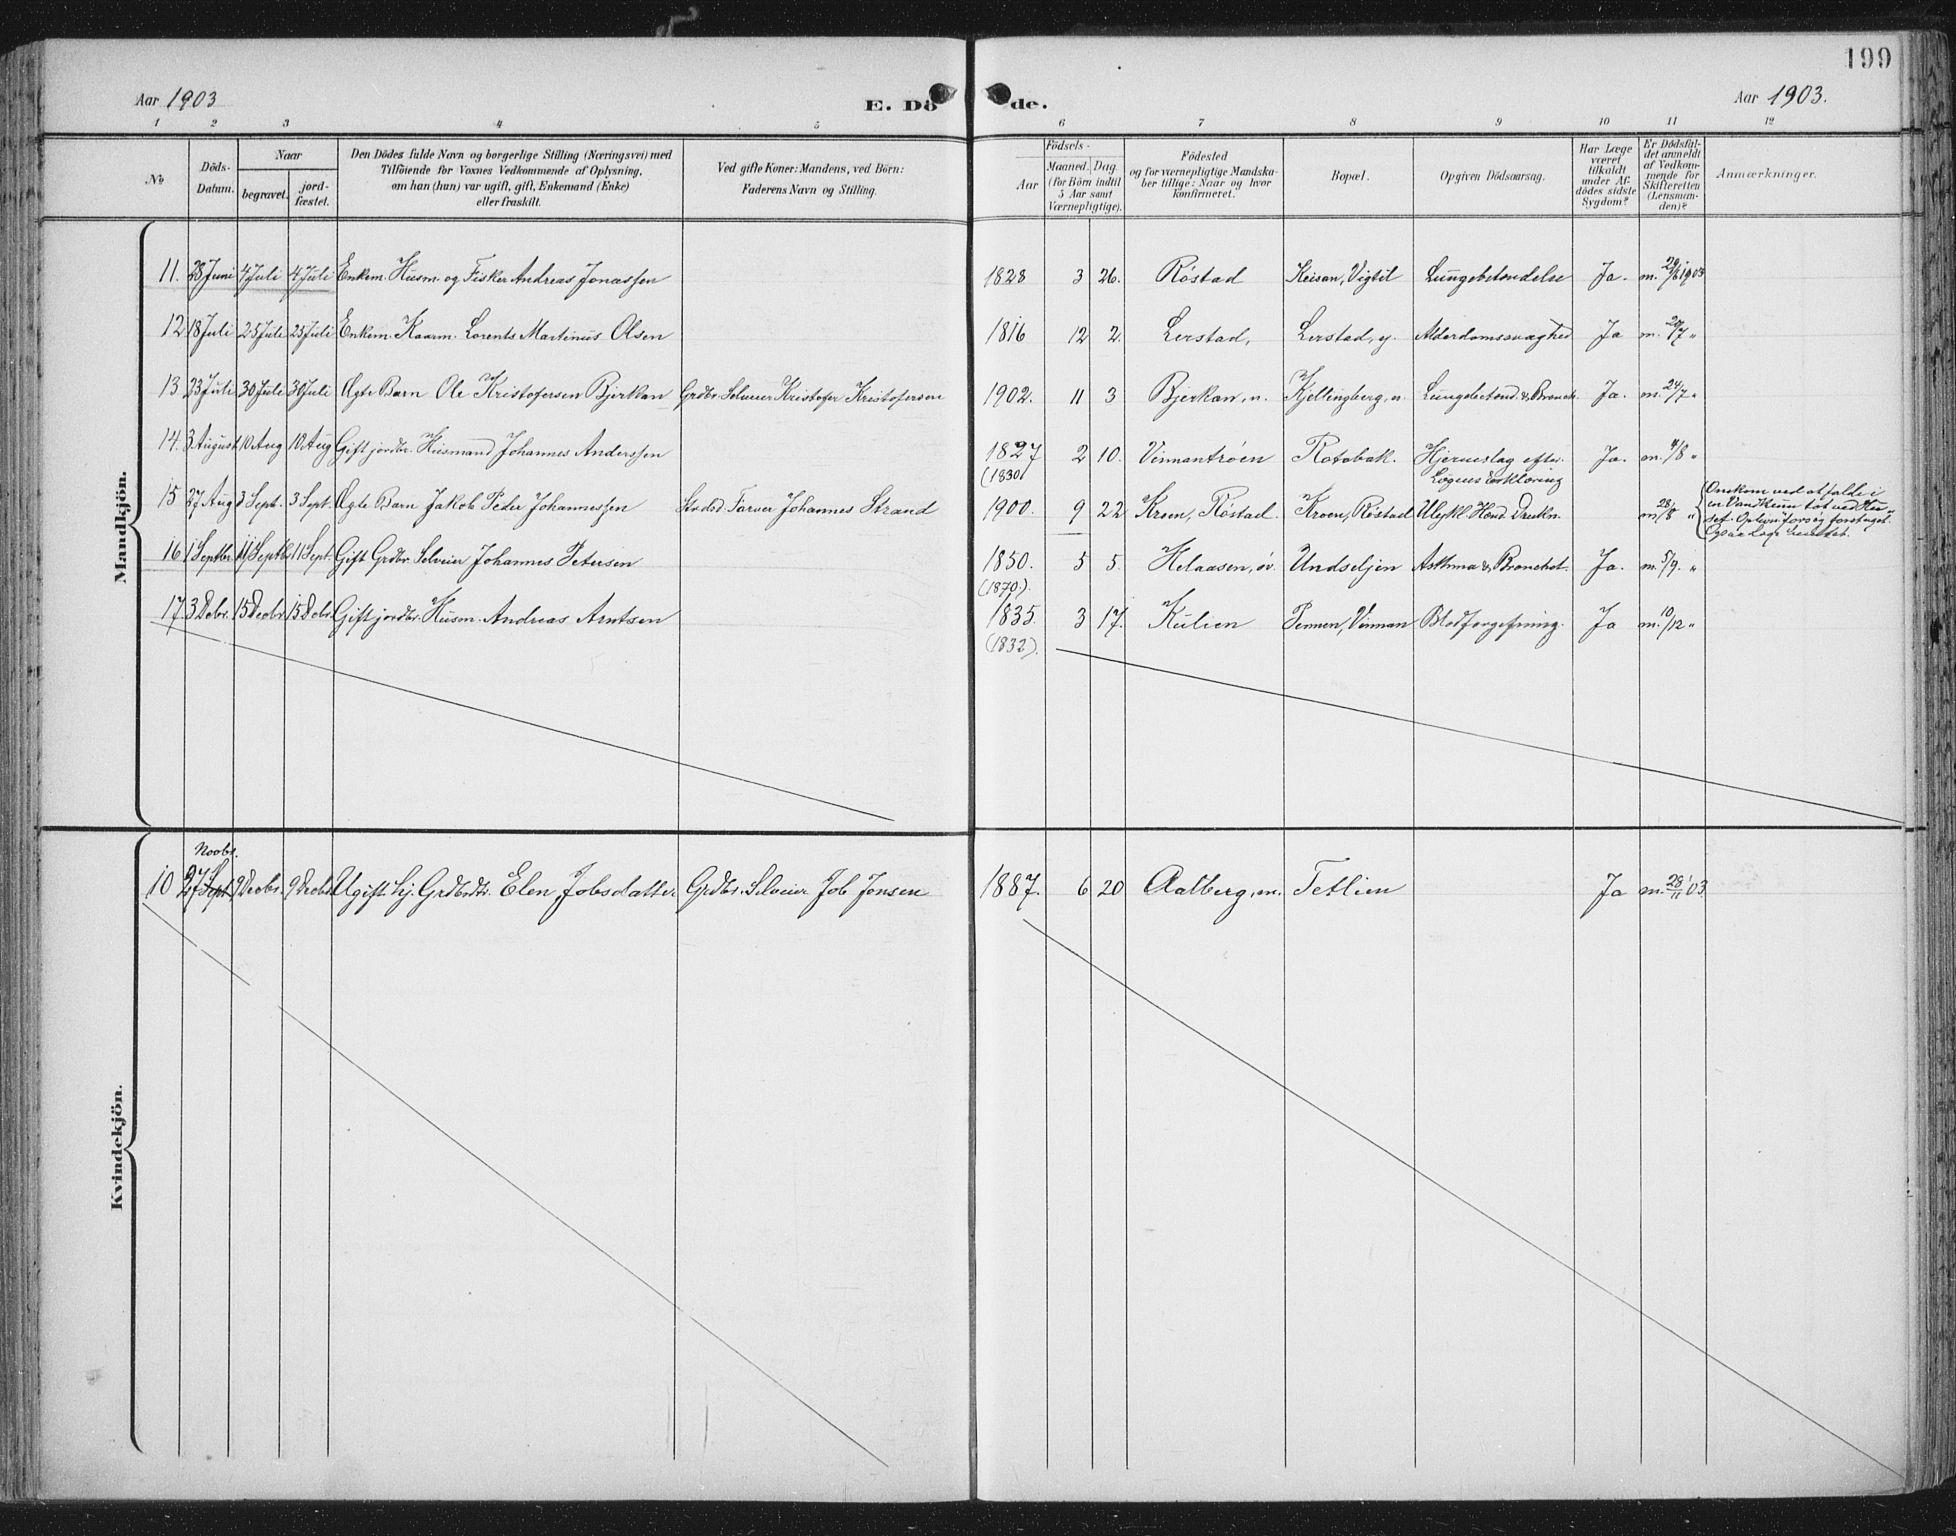 SAT, Ministerialprotokoller, klokkerbøker og fødselsregistre - Nord-Trøndelag, 701/L0011: Ministerialbok nr. 701A11, 1899-1915, s. 199